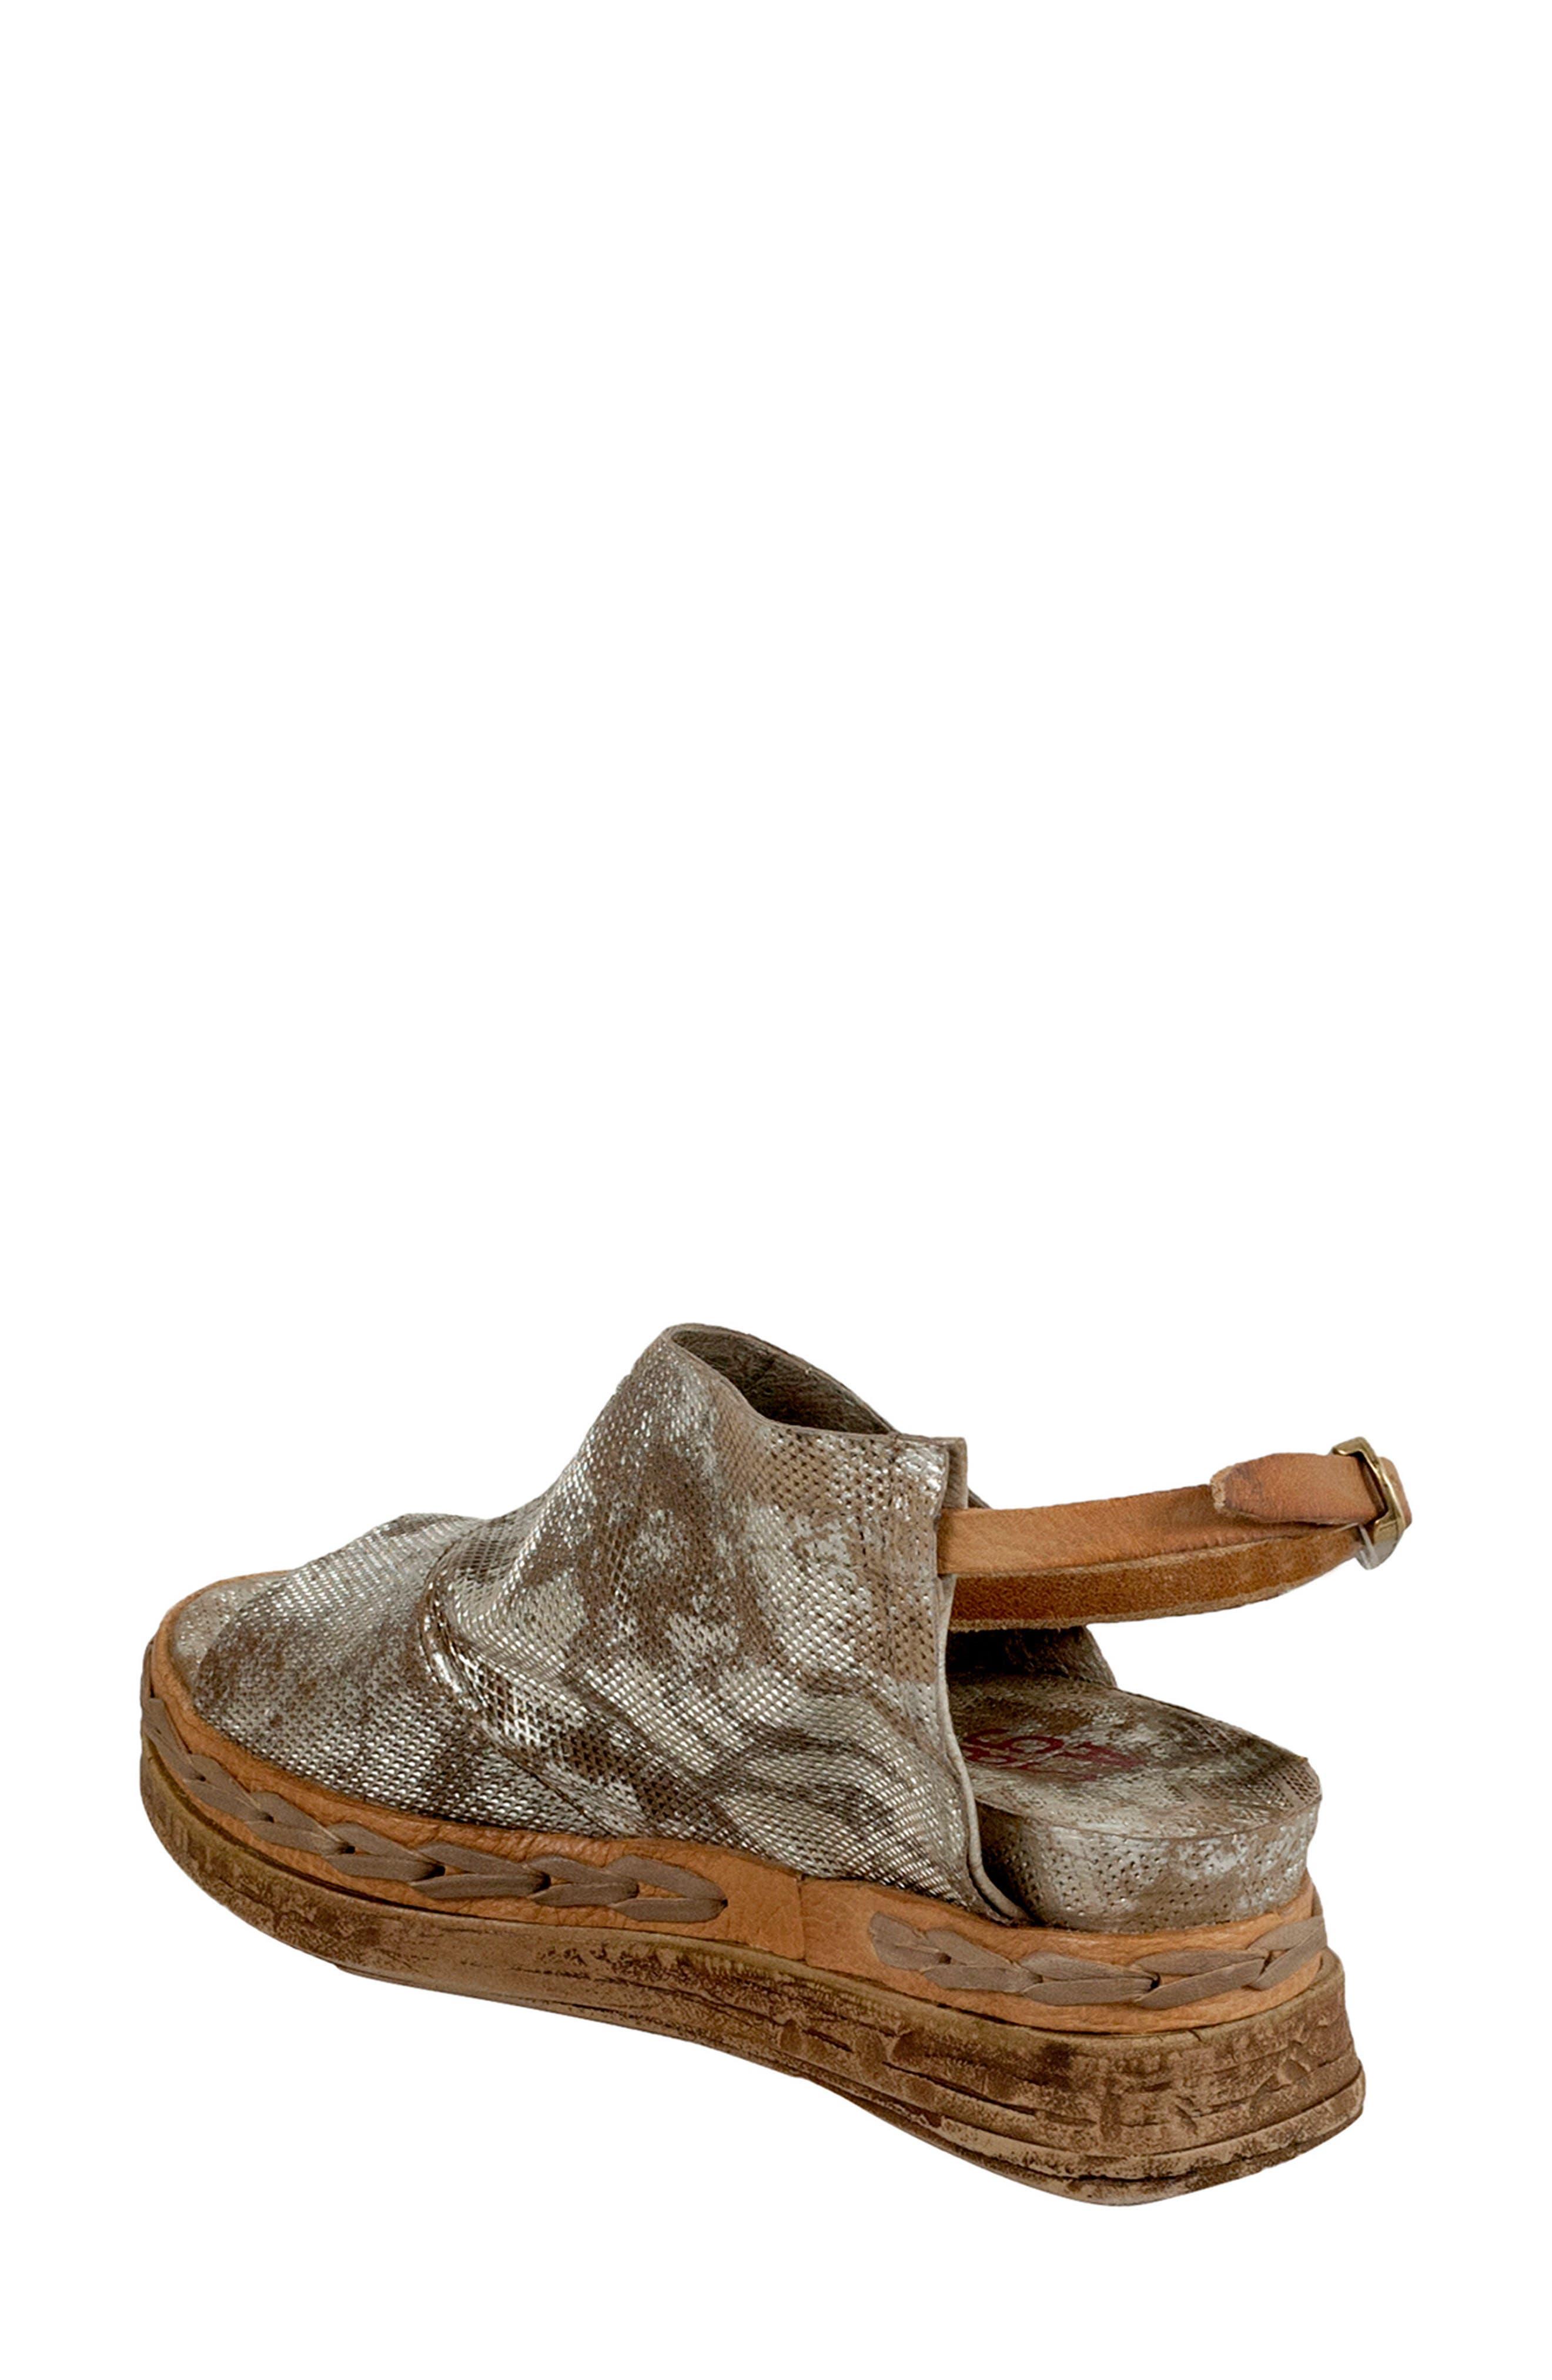 Lira Platform Sandal,                             Alternate thumbnail 2, color,                             042